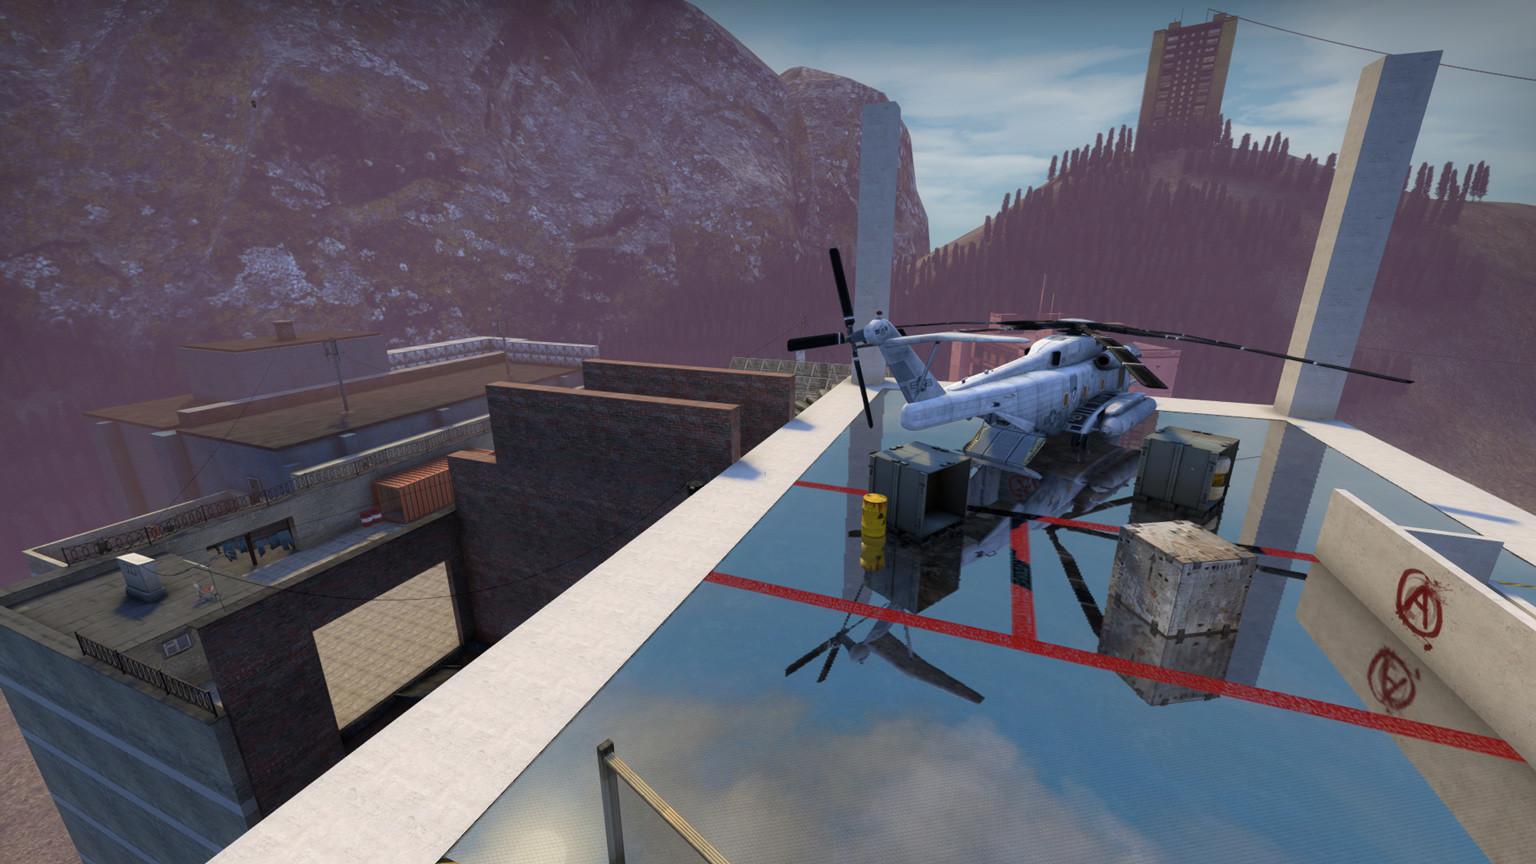 drone_screen_01.jpg.01f6ed51a7a2f95623fab03c90f028b5.jpg